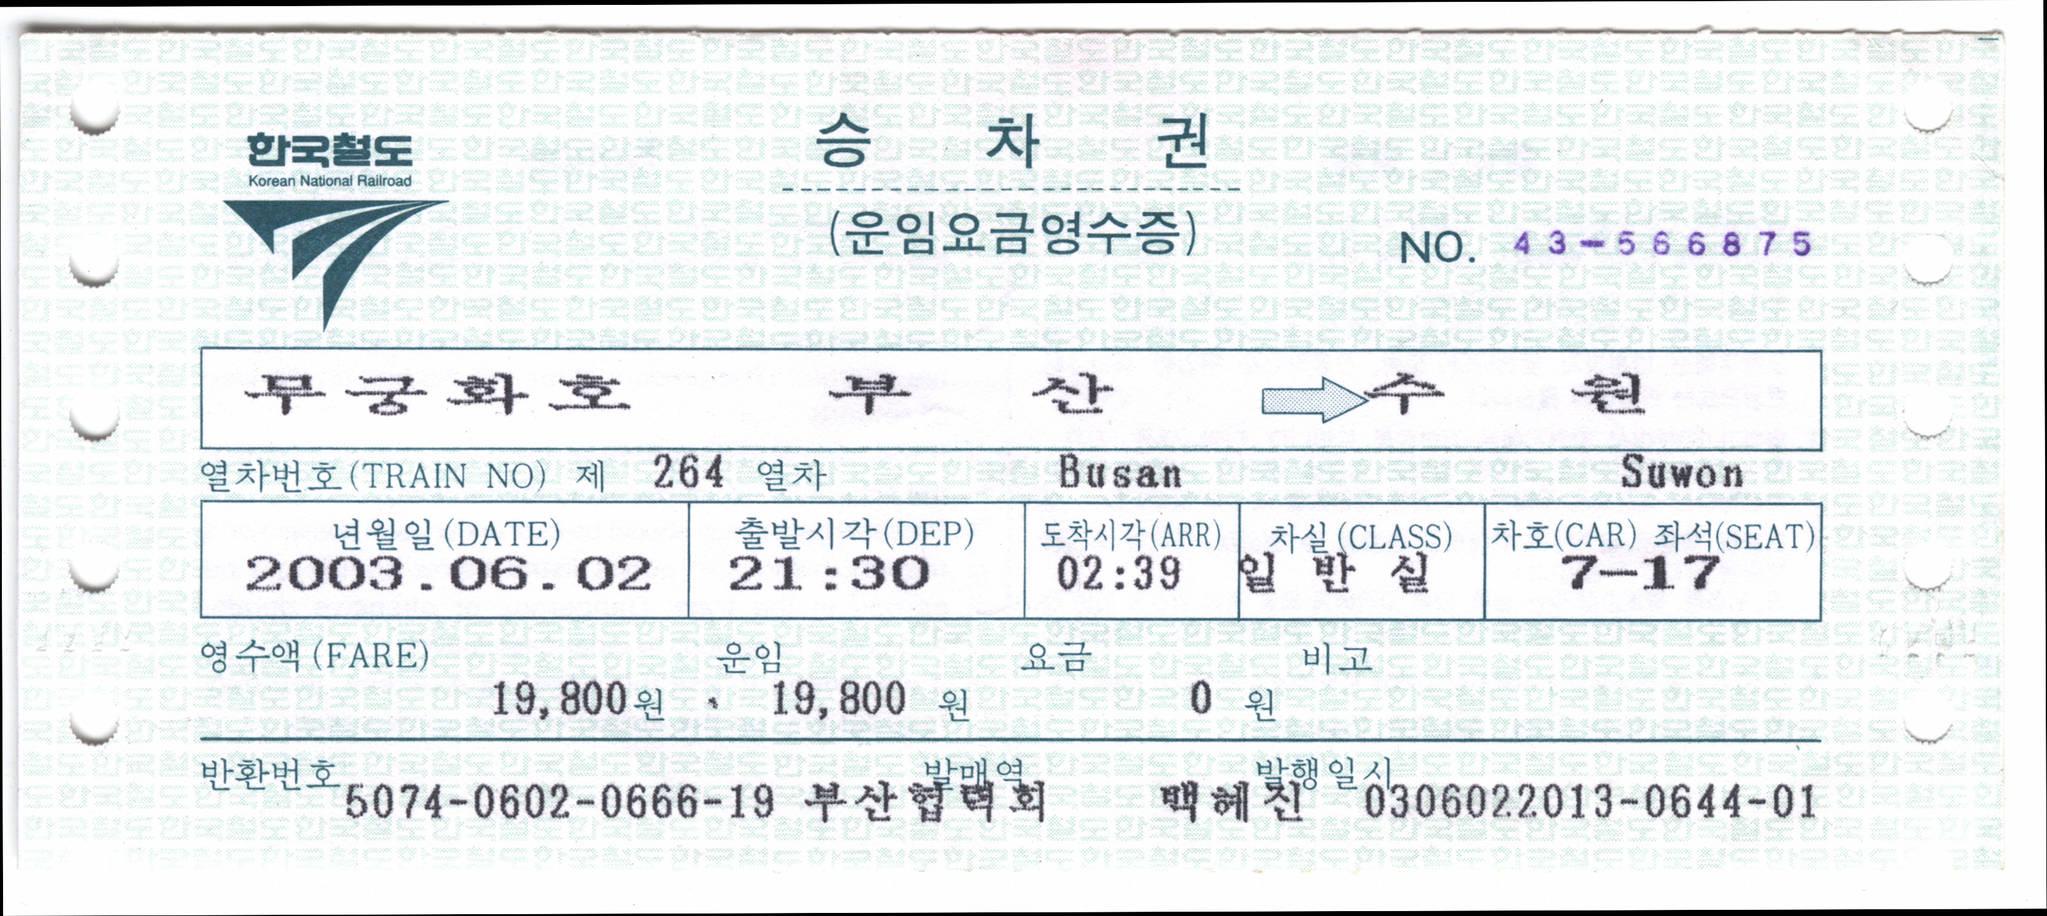 1981년 도입된 전산 승차권. 원하는 날짜와 시간을 확인해 구간을 입력하면 화면에서 바로 조회되고 발매되는 방식이다. [사진 코레일]